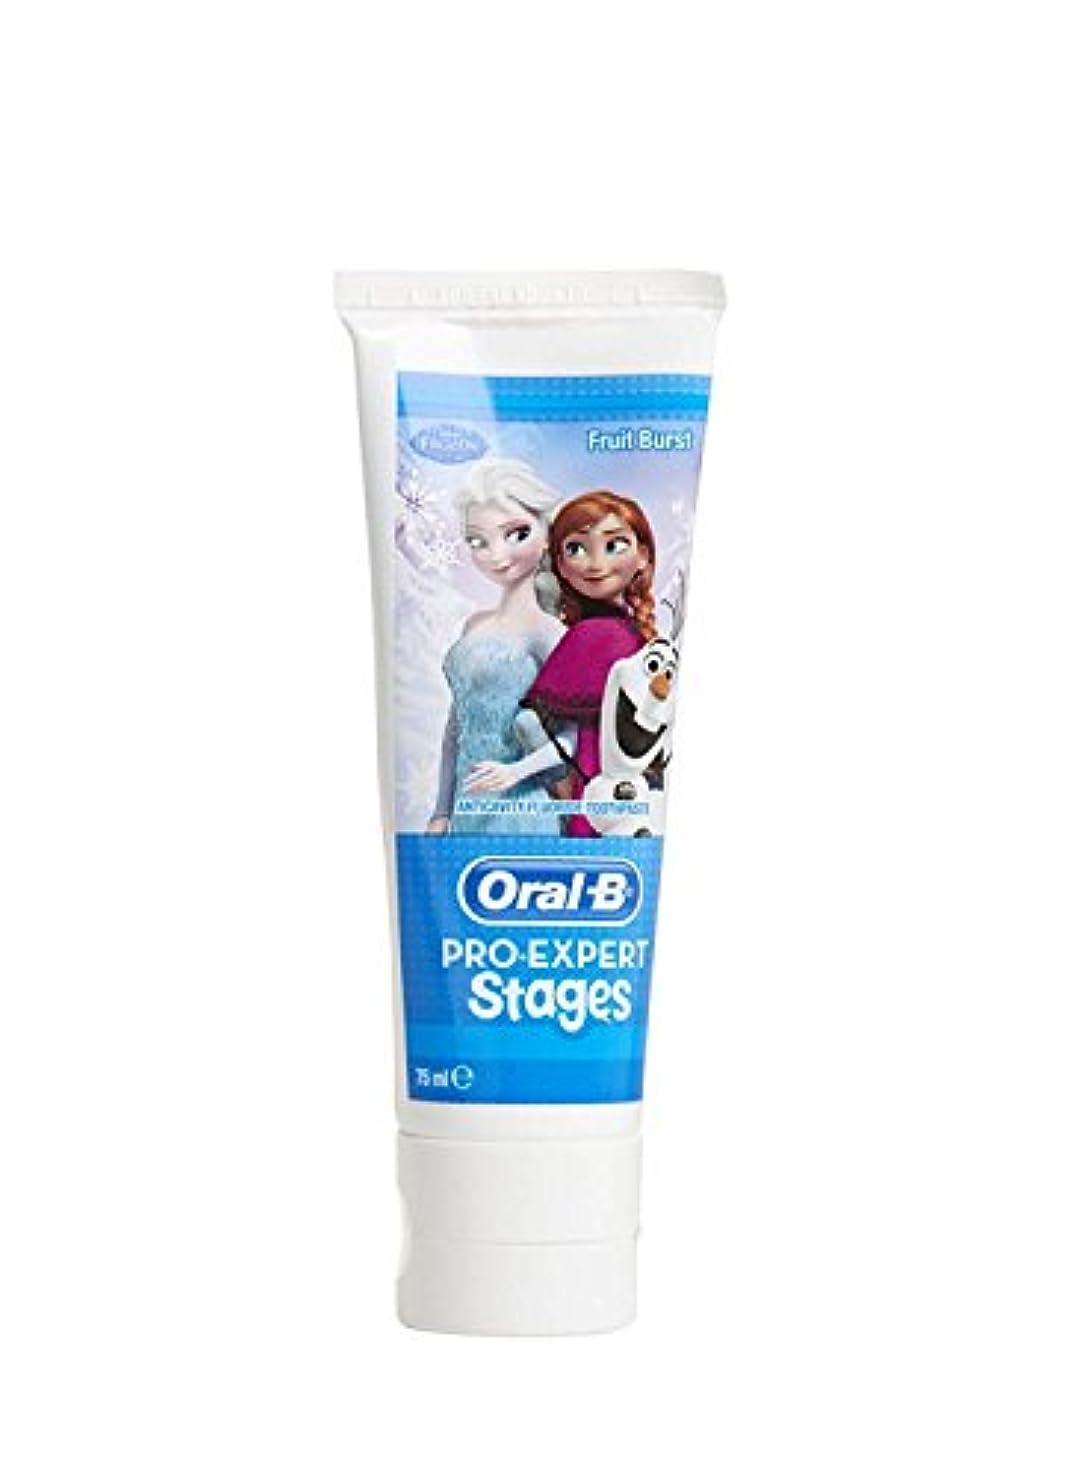 定規マーガレットミッチェルヒロインオーラルB アナ雪キャラクター 子供用 歯磨き粉 5-7歳対象  並行輸入品 海外発送